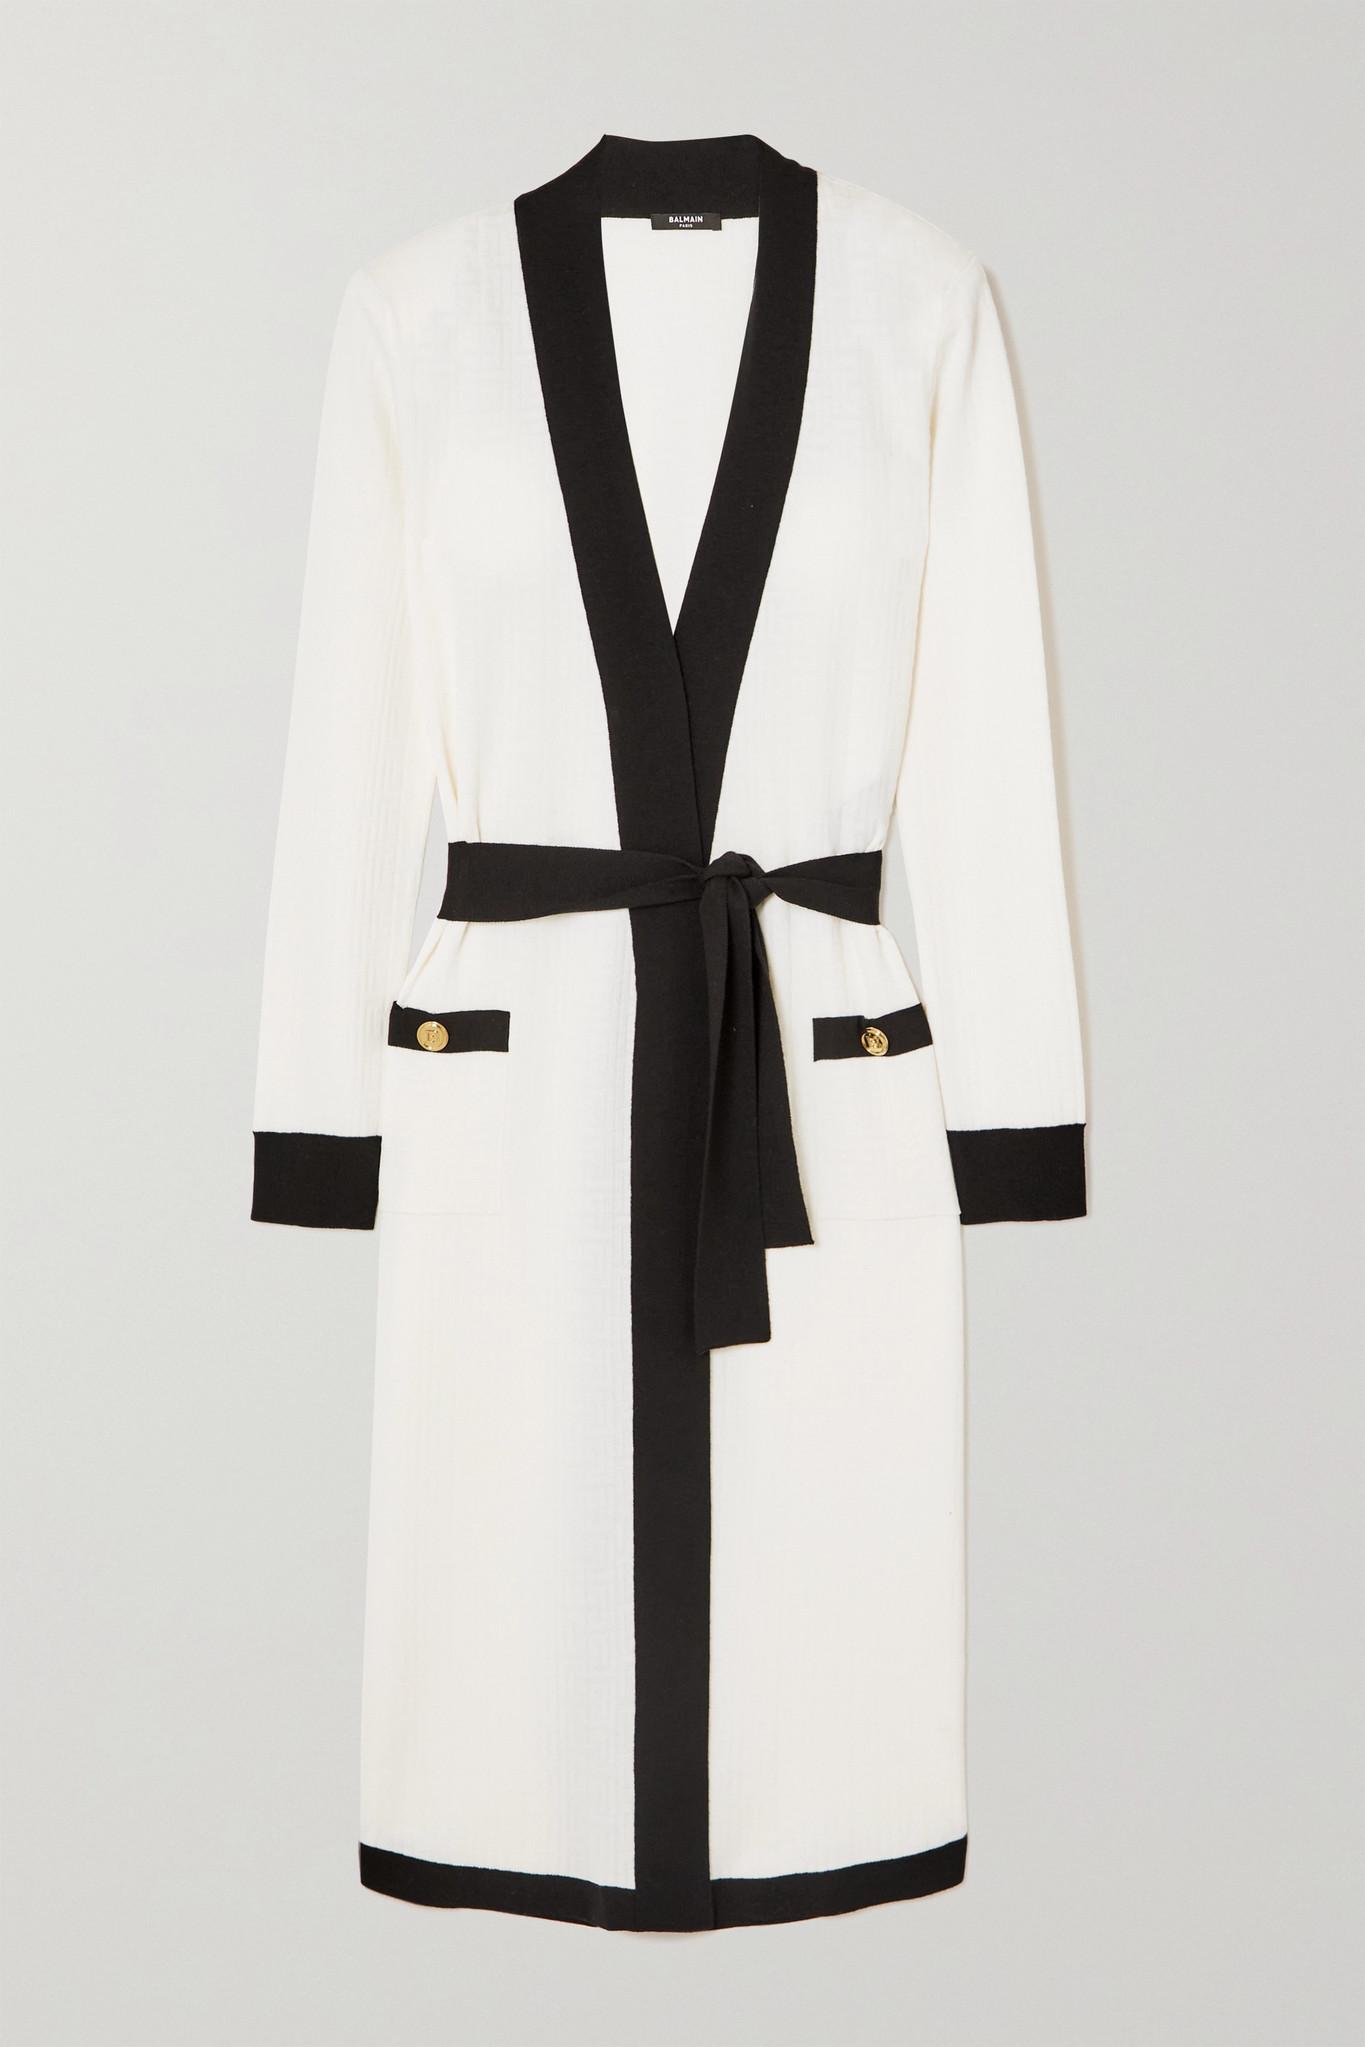 BALMAIN - 配腰带双色提花针织羊毛混纺开襟衫 - 白色 - FR34